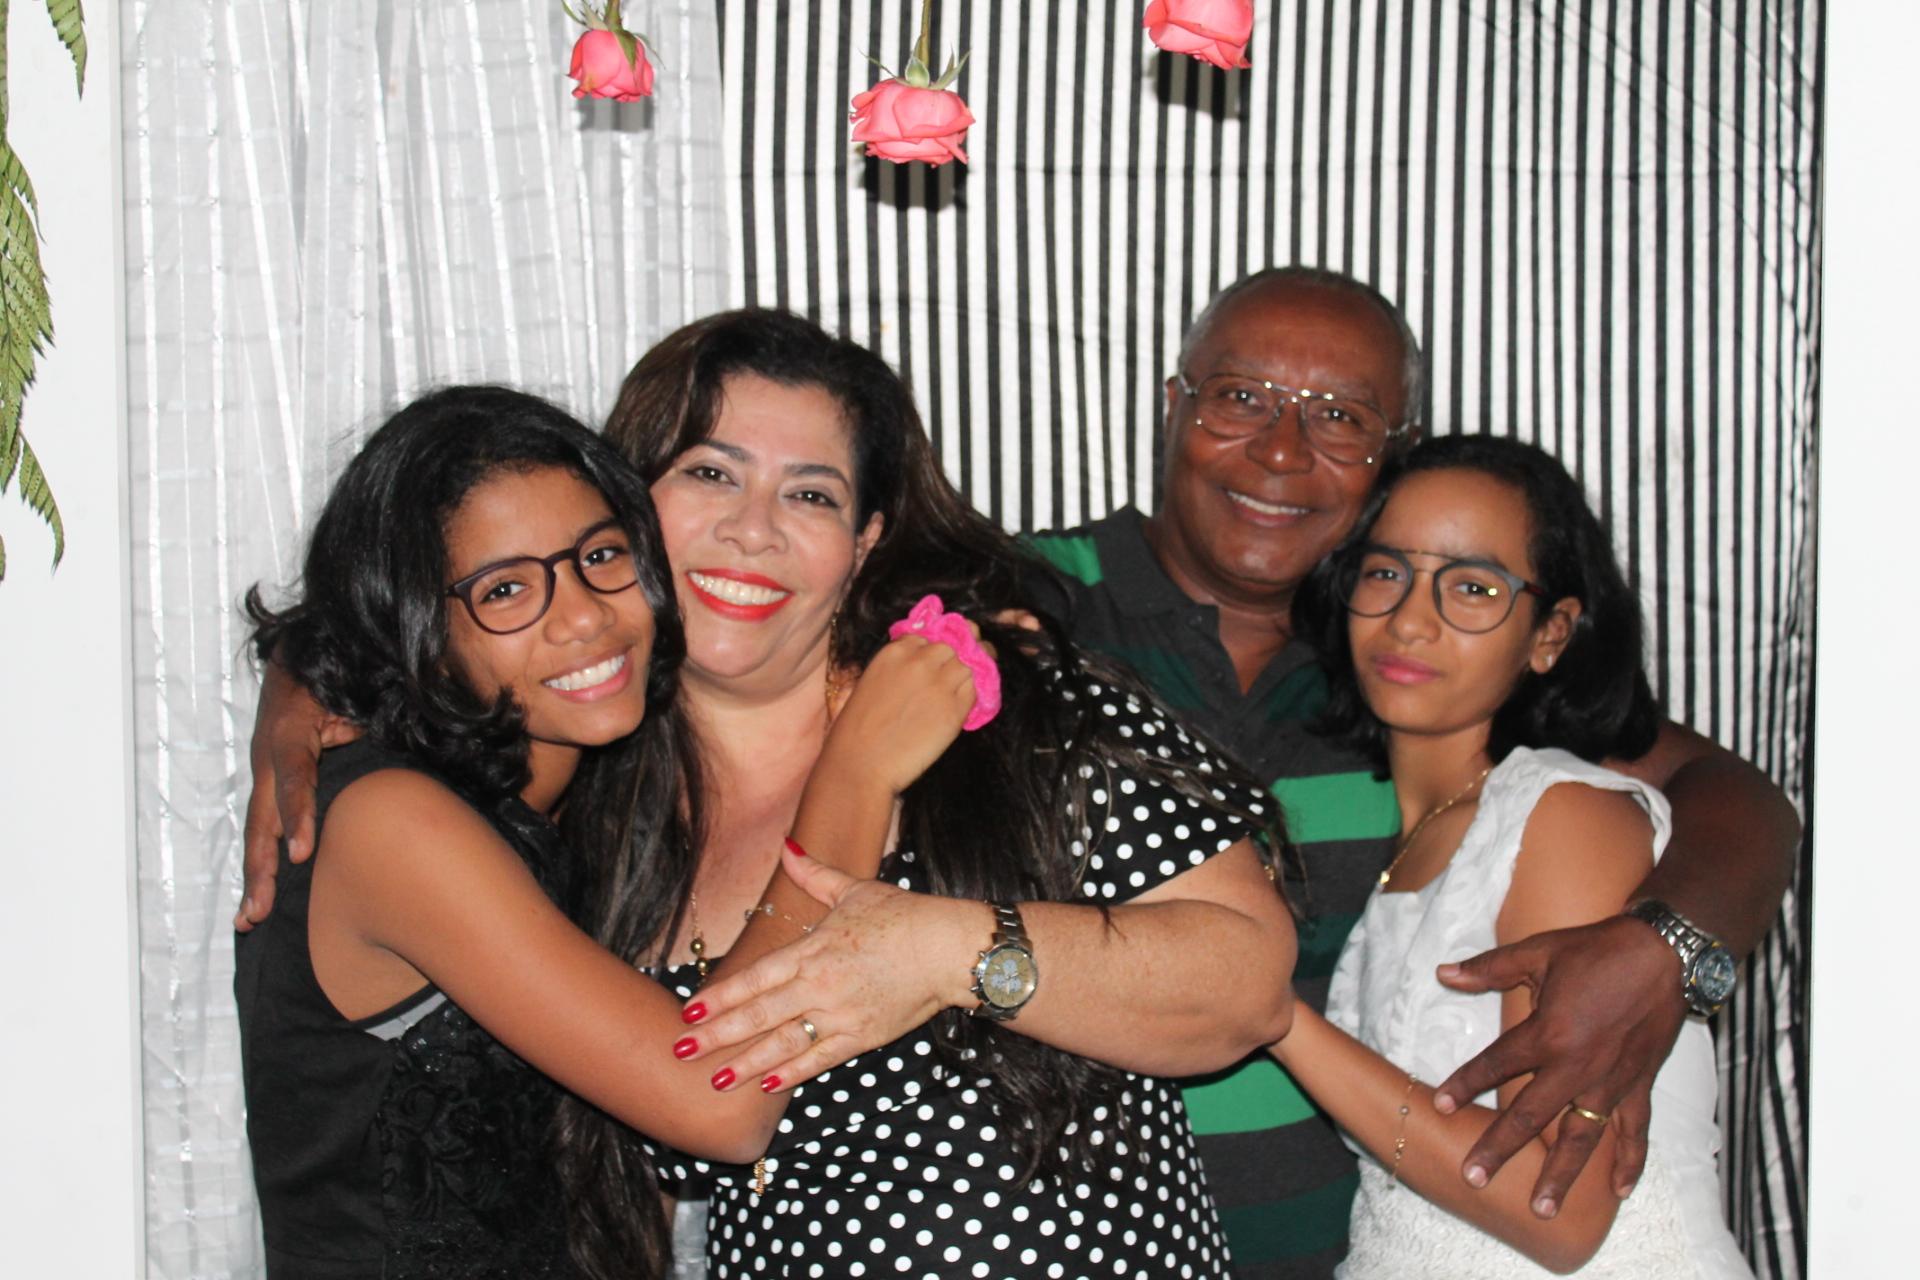 Pais orgulhosos das filhas gêmeas Comemoram aniversário